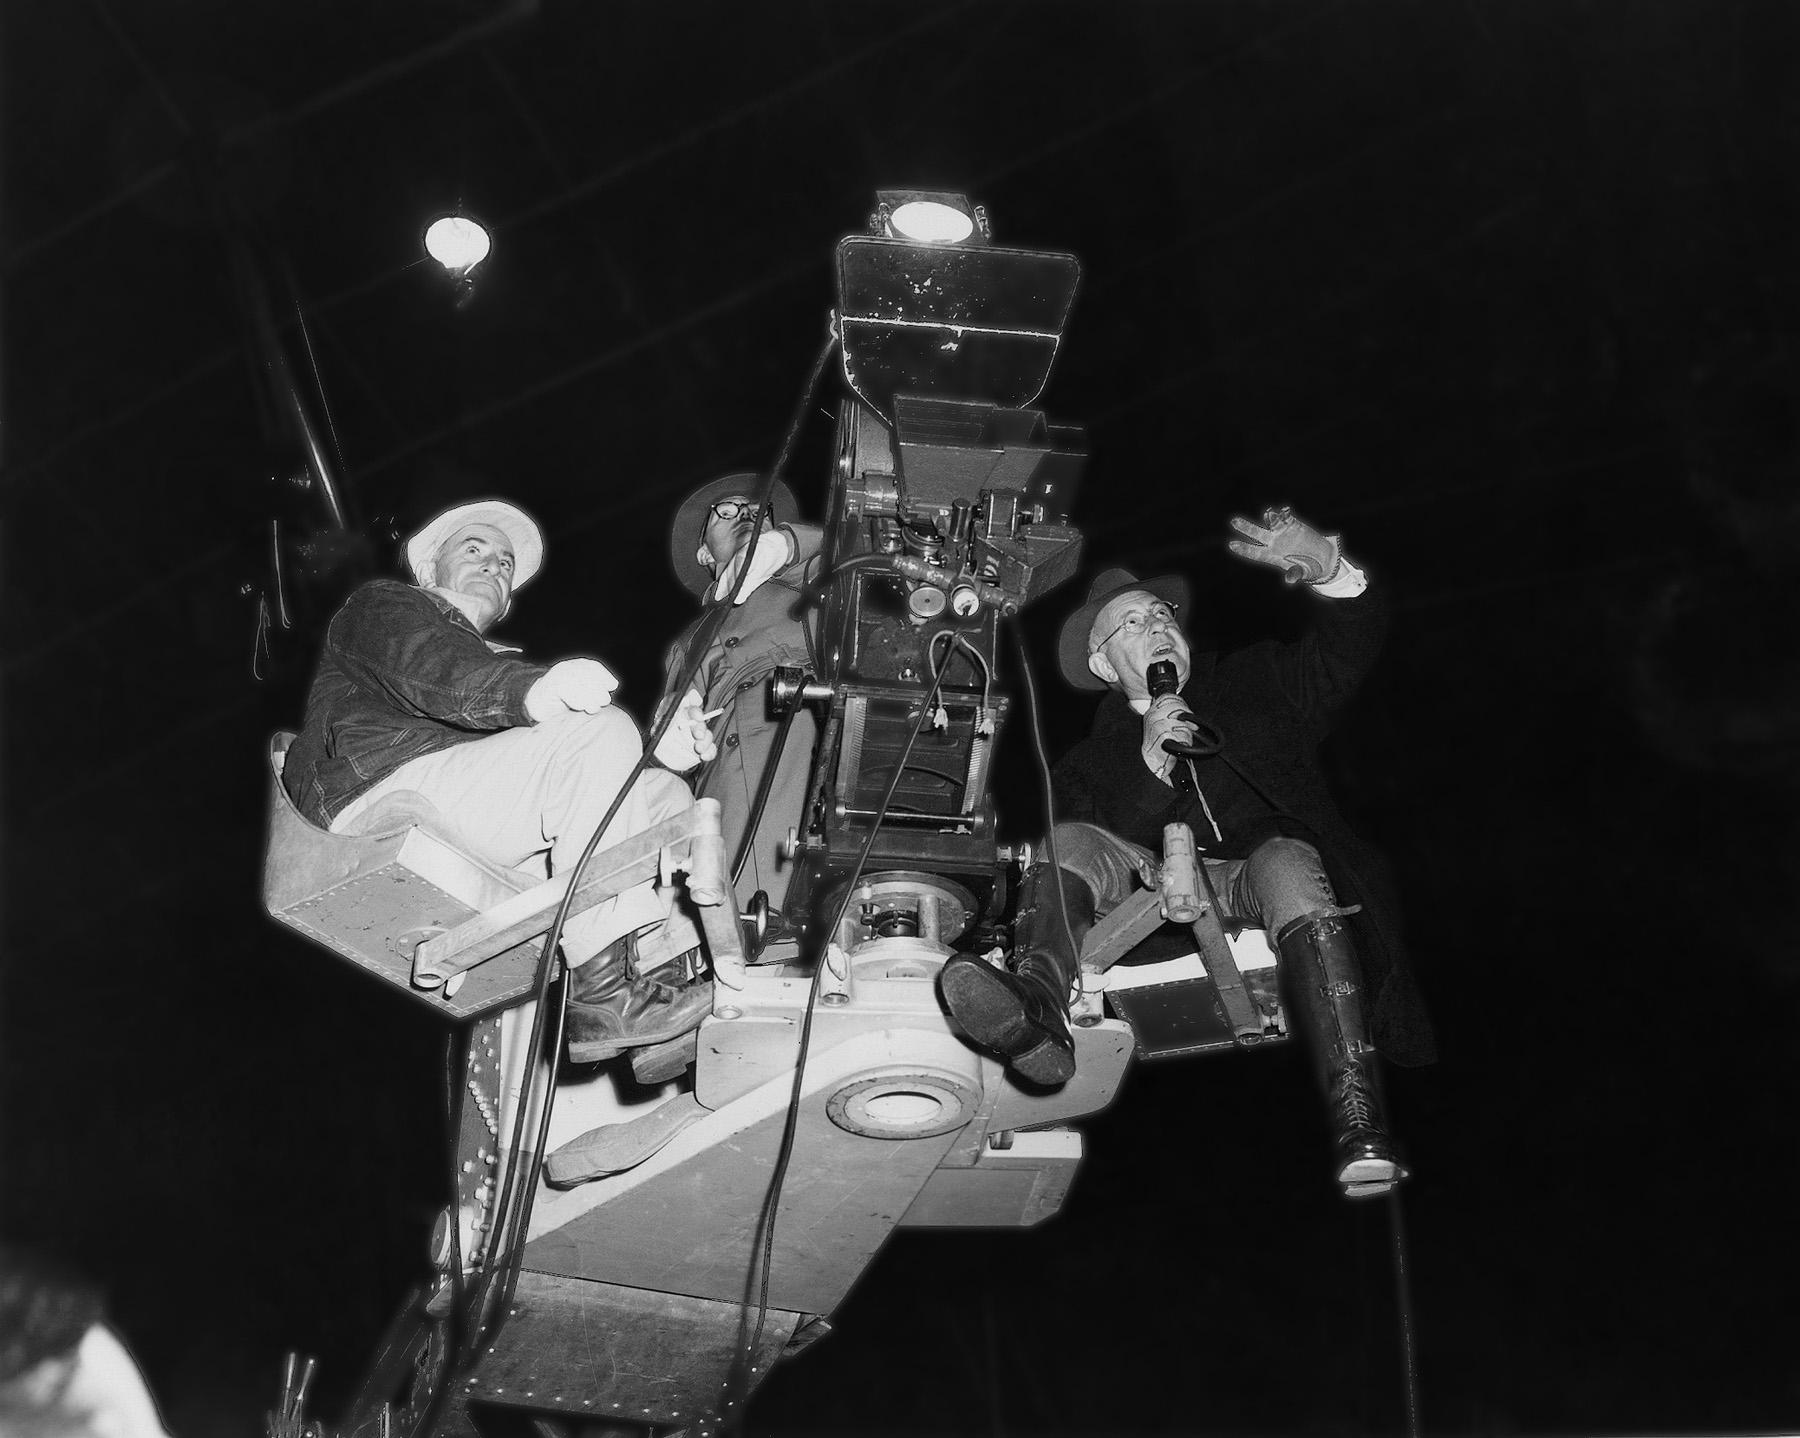 Cecil B. DeMille